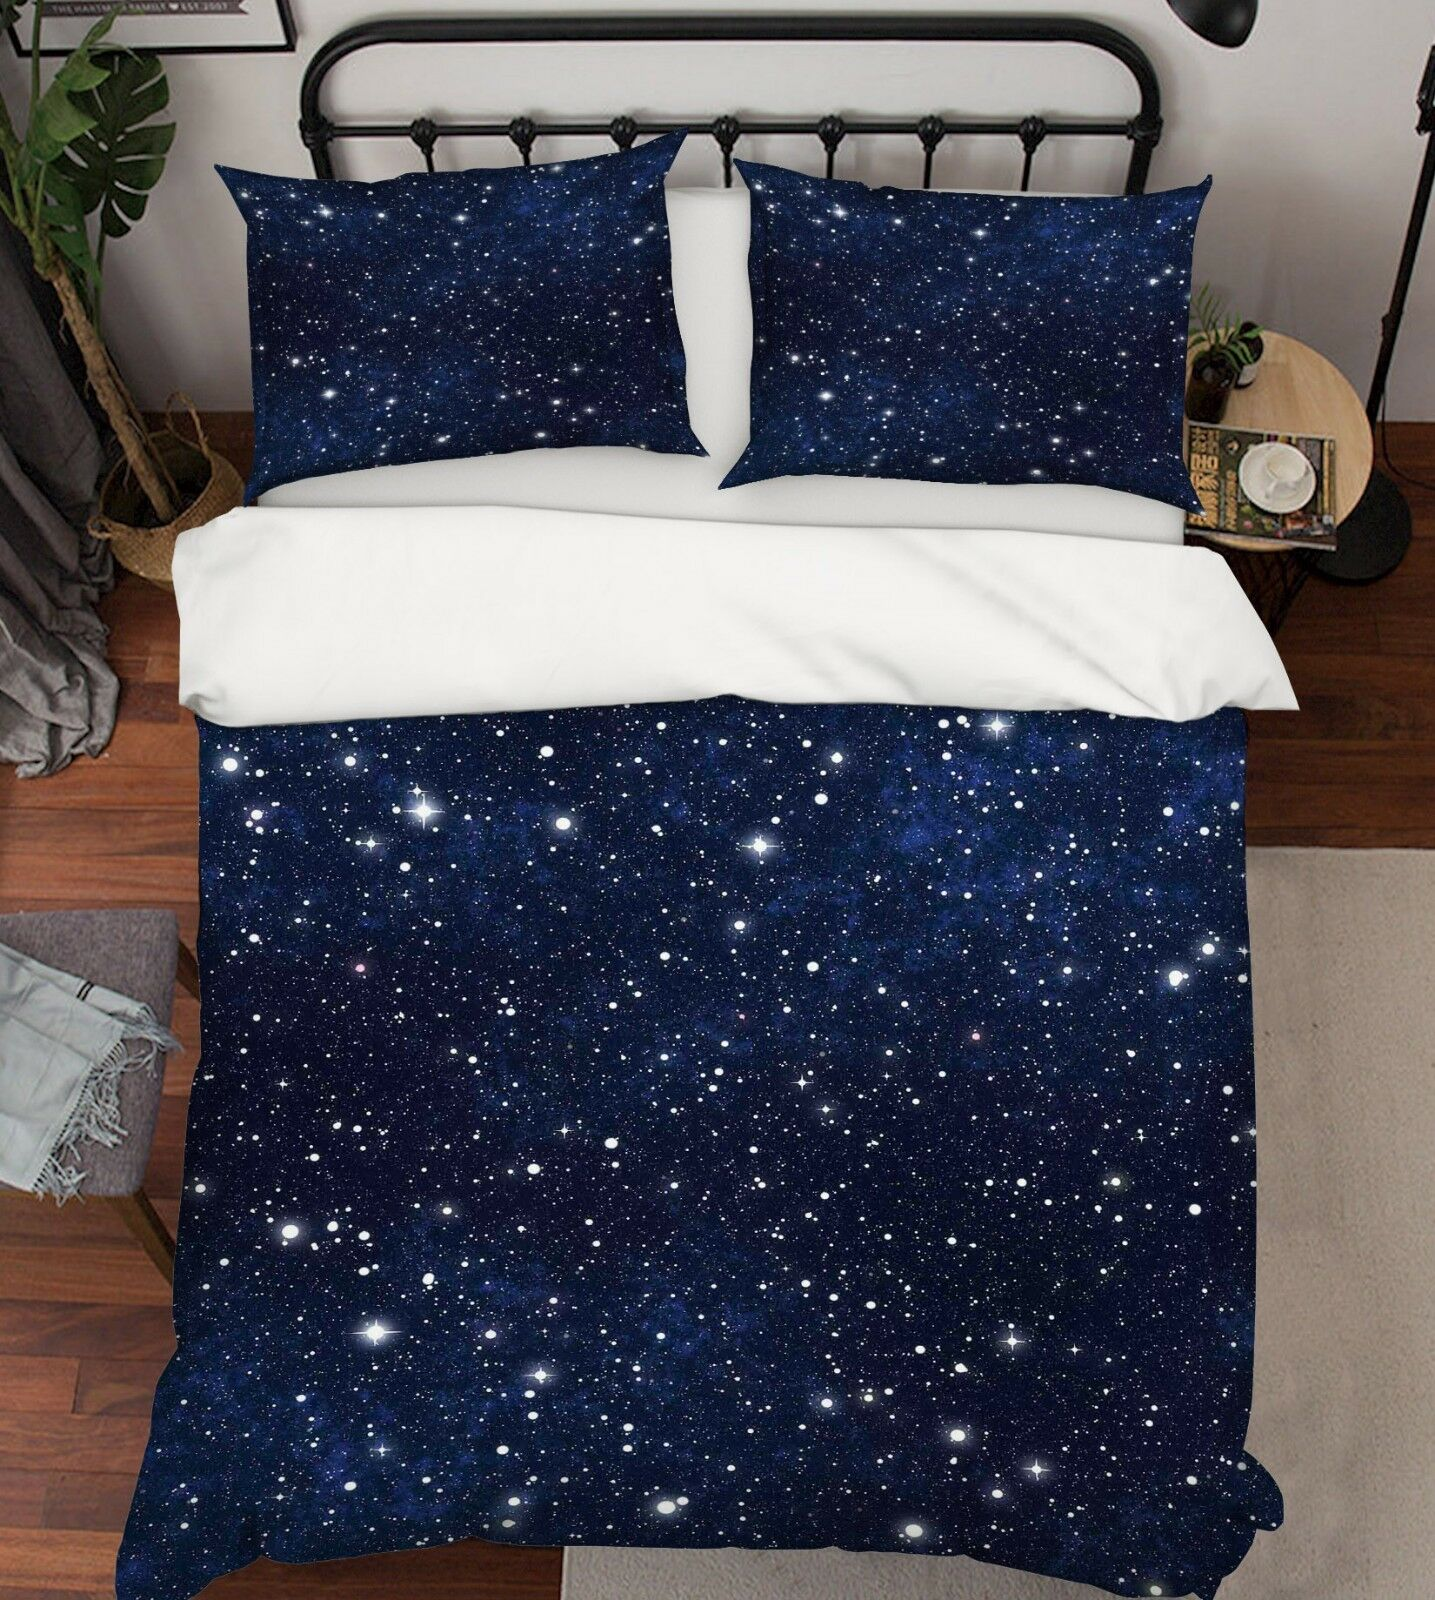 3d Ciel étoilé 5 lit housses de coussin steppes couette couvertures Set Single de